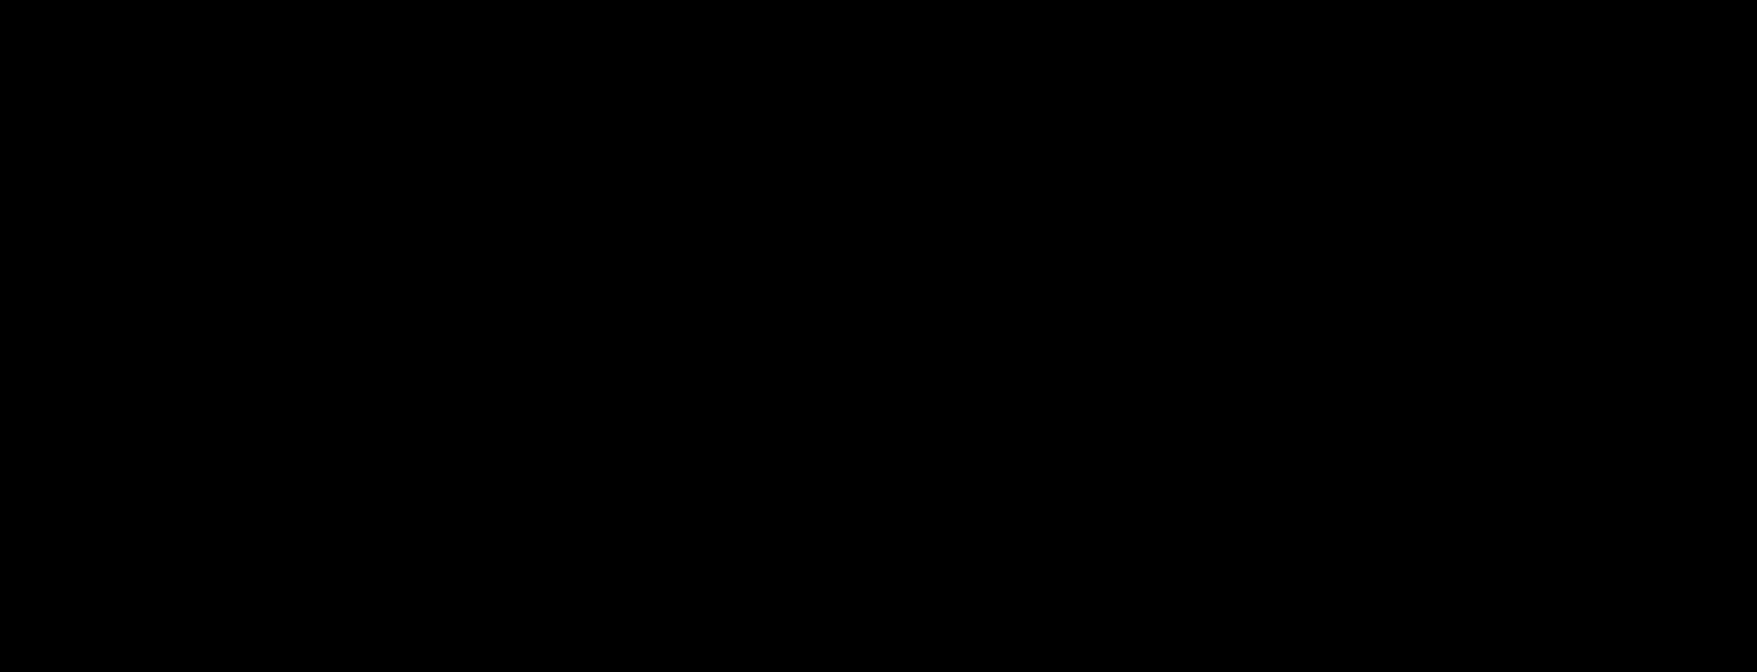 Levothyroxinemethyl ester